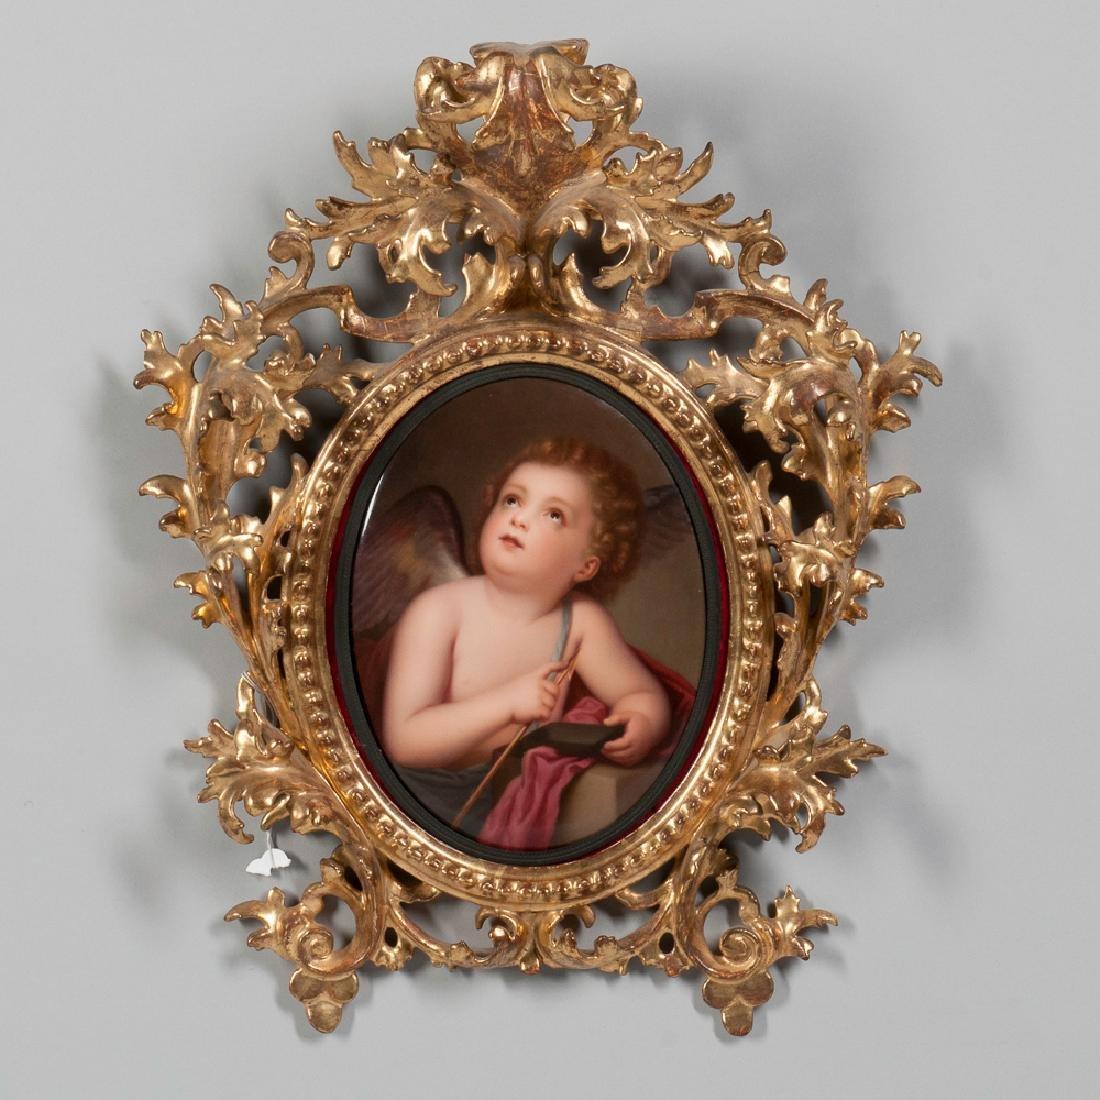 19th C. KPM Porcelain Plaque Depicting an Angel